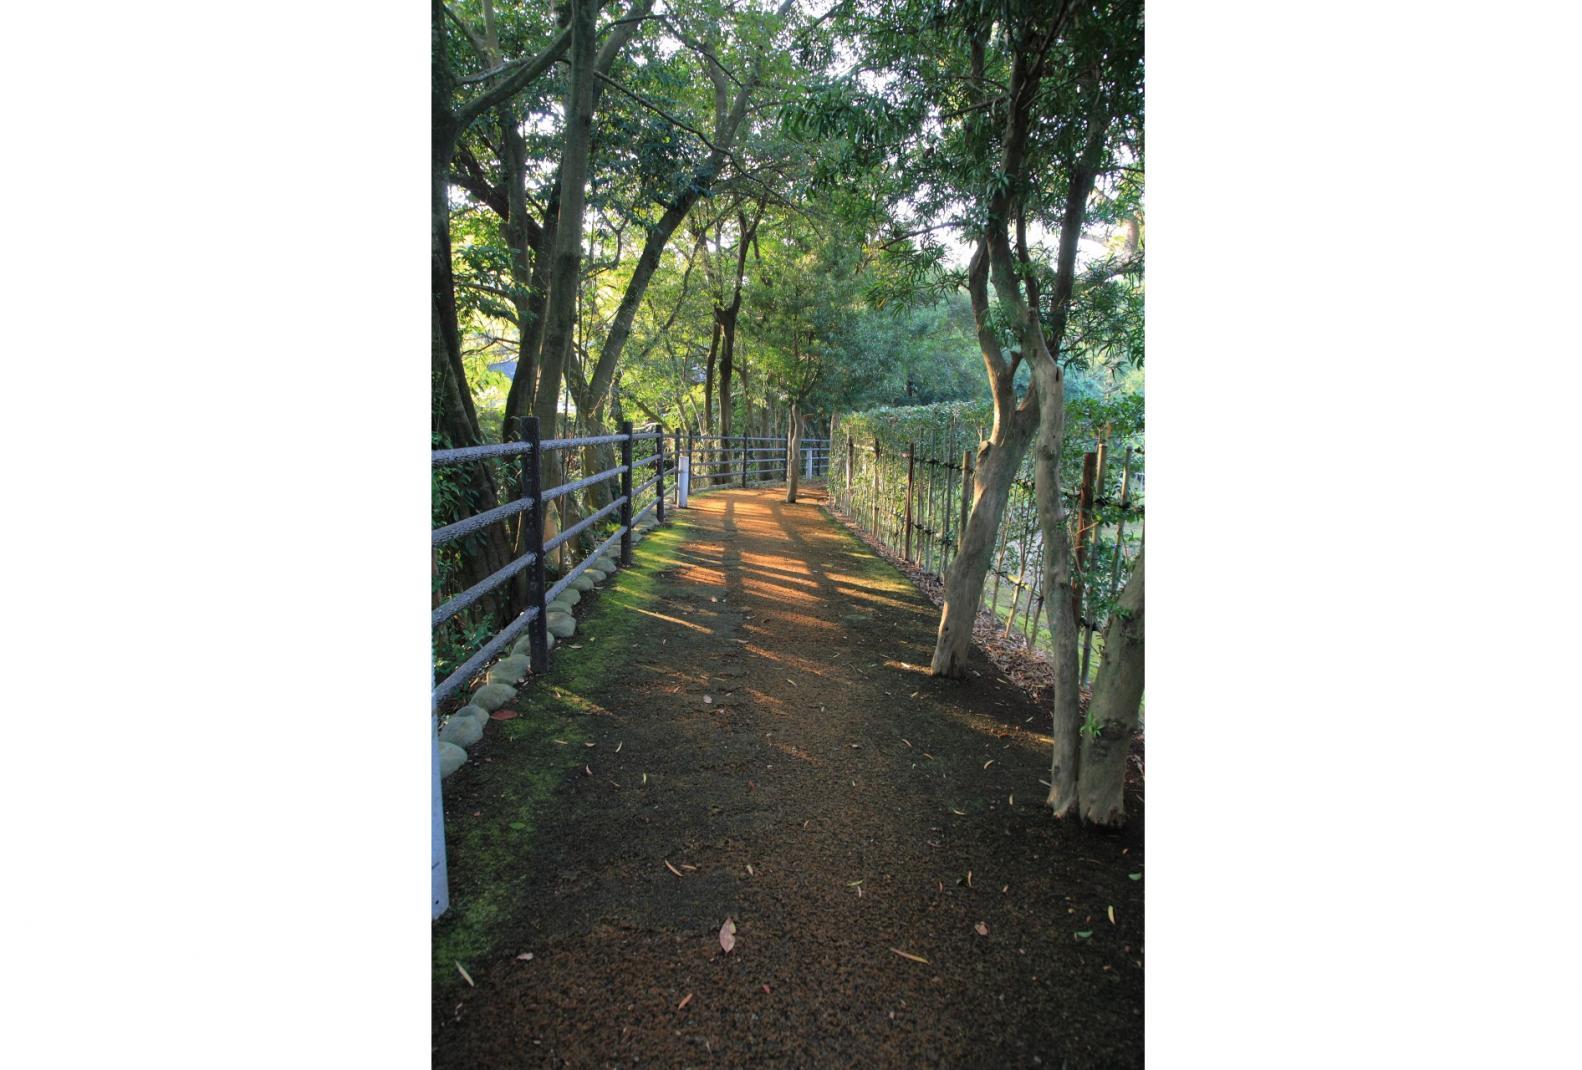 水と、光と、緑が美しい諫早自慢の散策路「高城回廊」-1